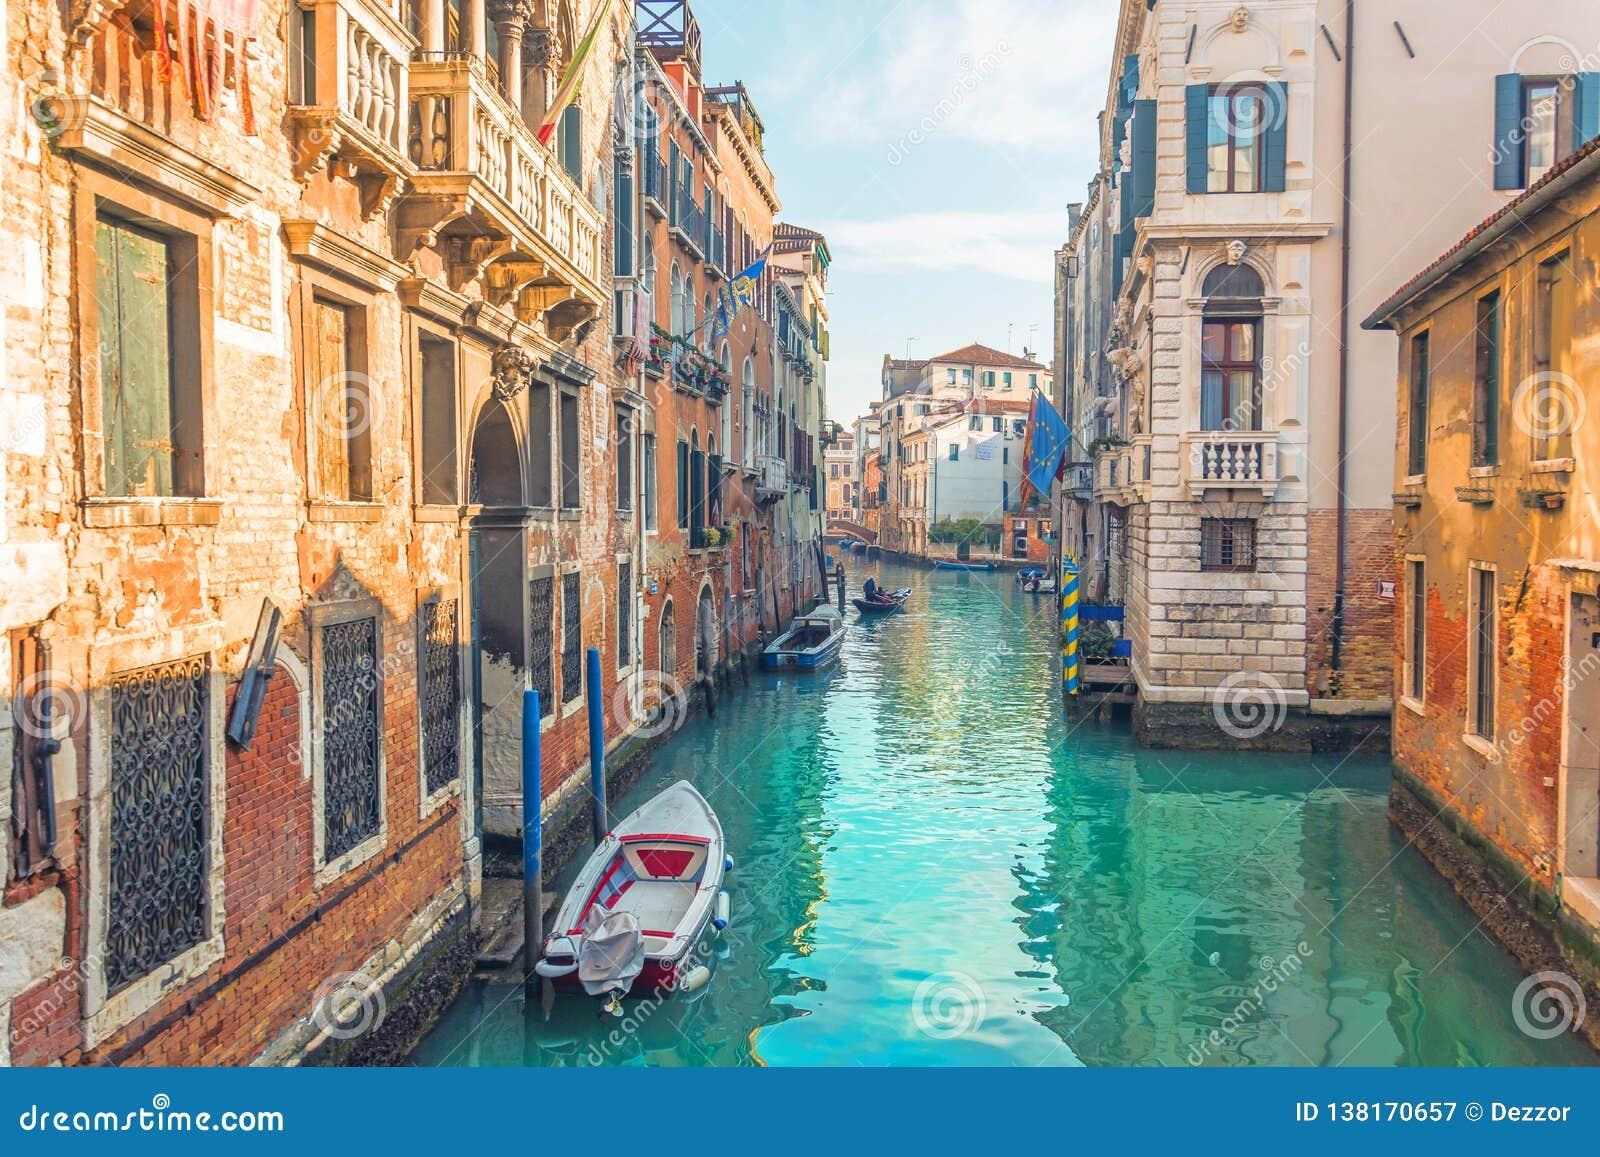 Κανάλι στη Βενετία, άποψη της αρχιτεκτονικής και των κτηρίων Χαρακτηριστική αστική άποψη